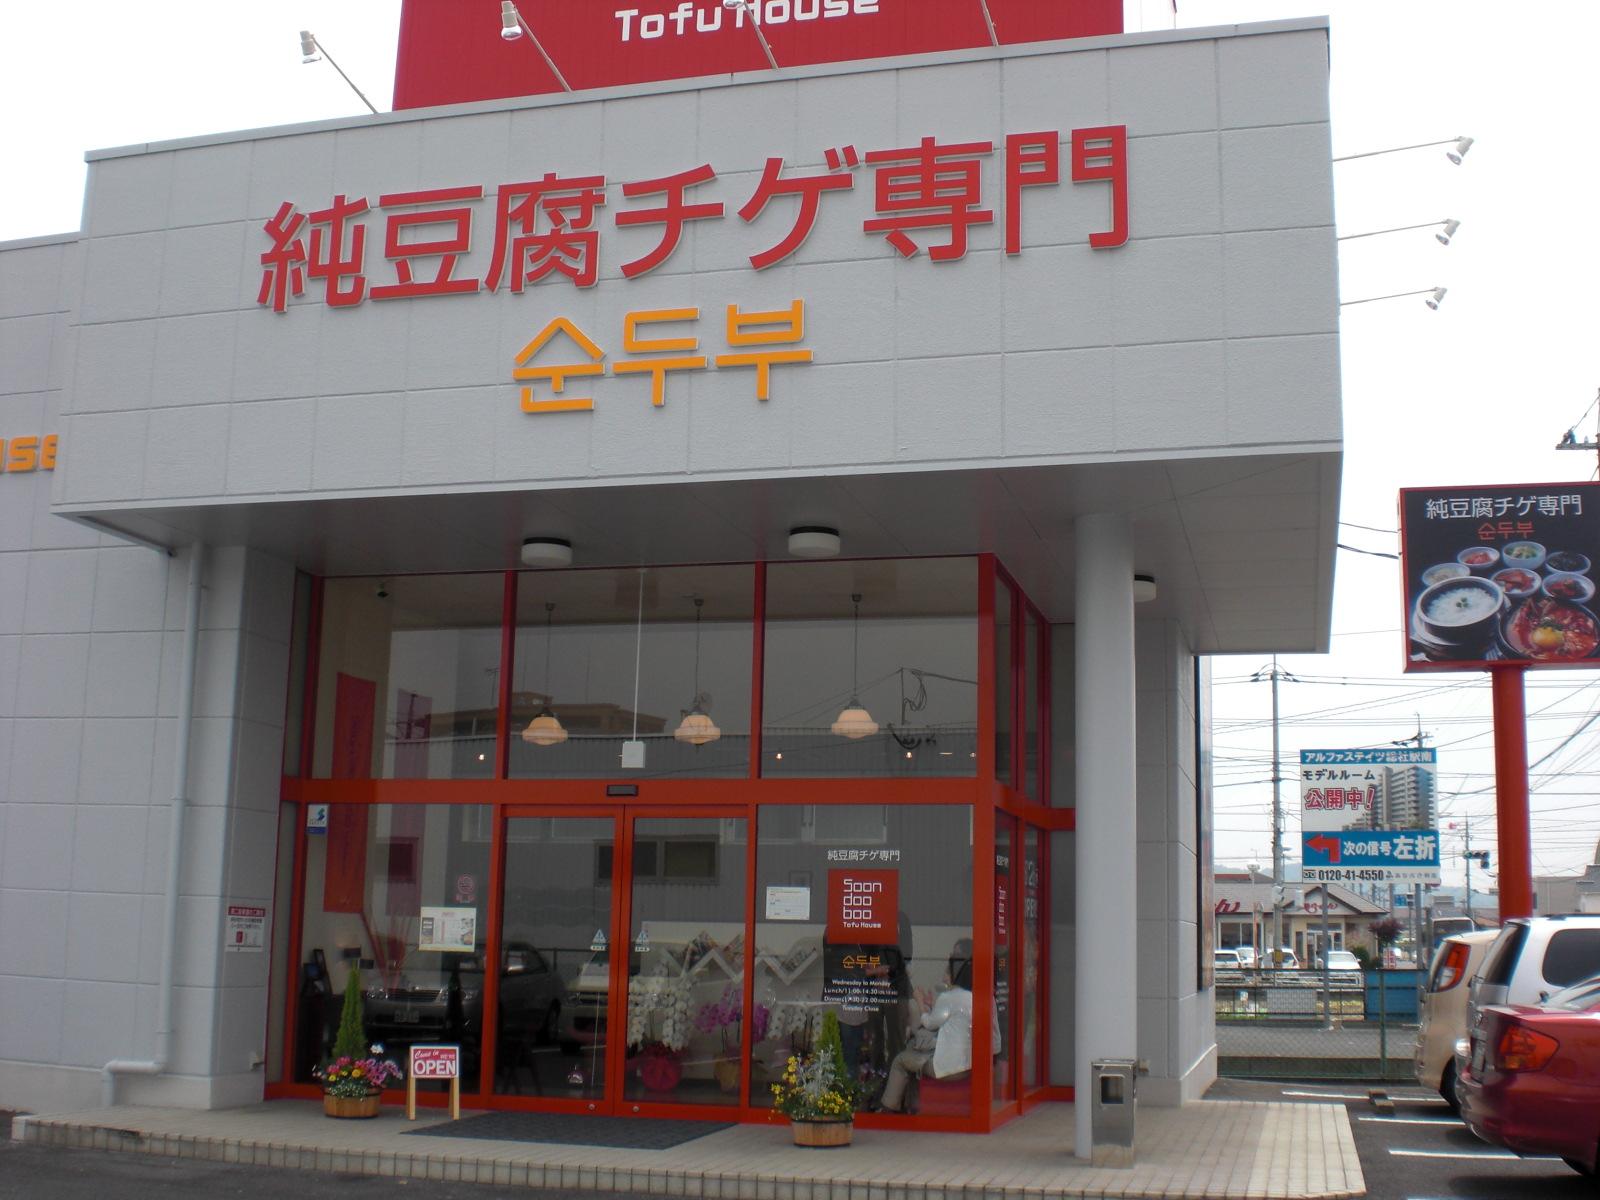 スンドゥブ トーフハウス 総社店